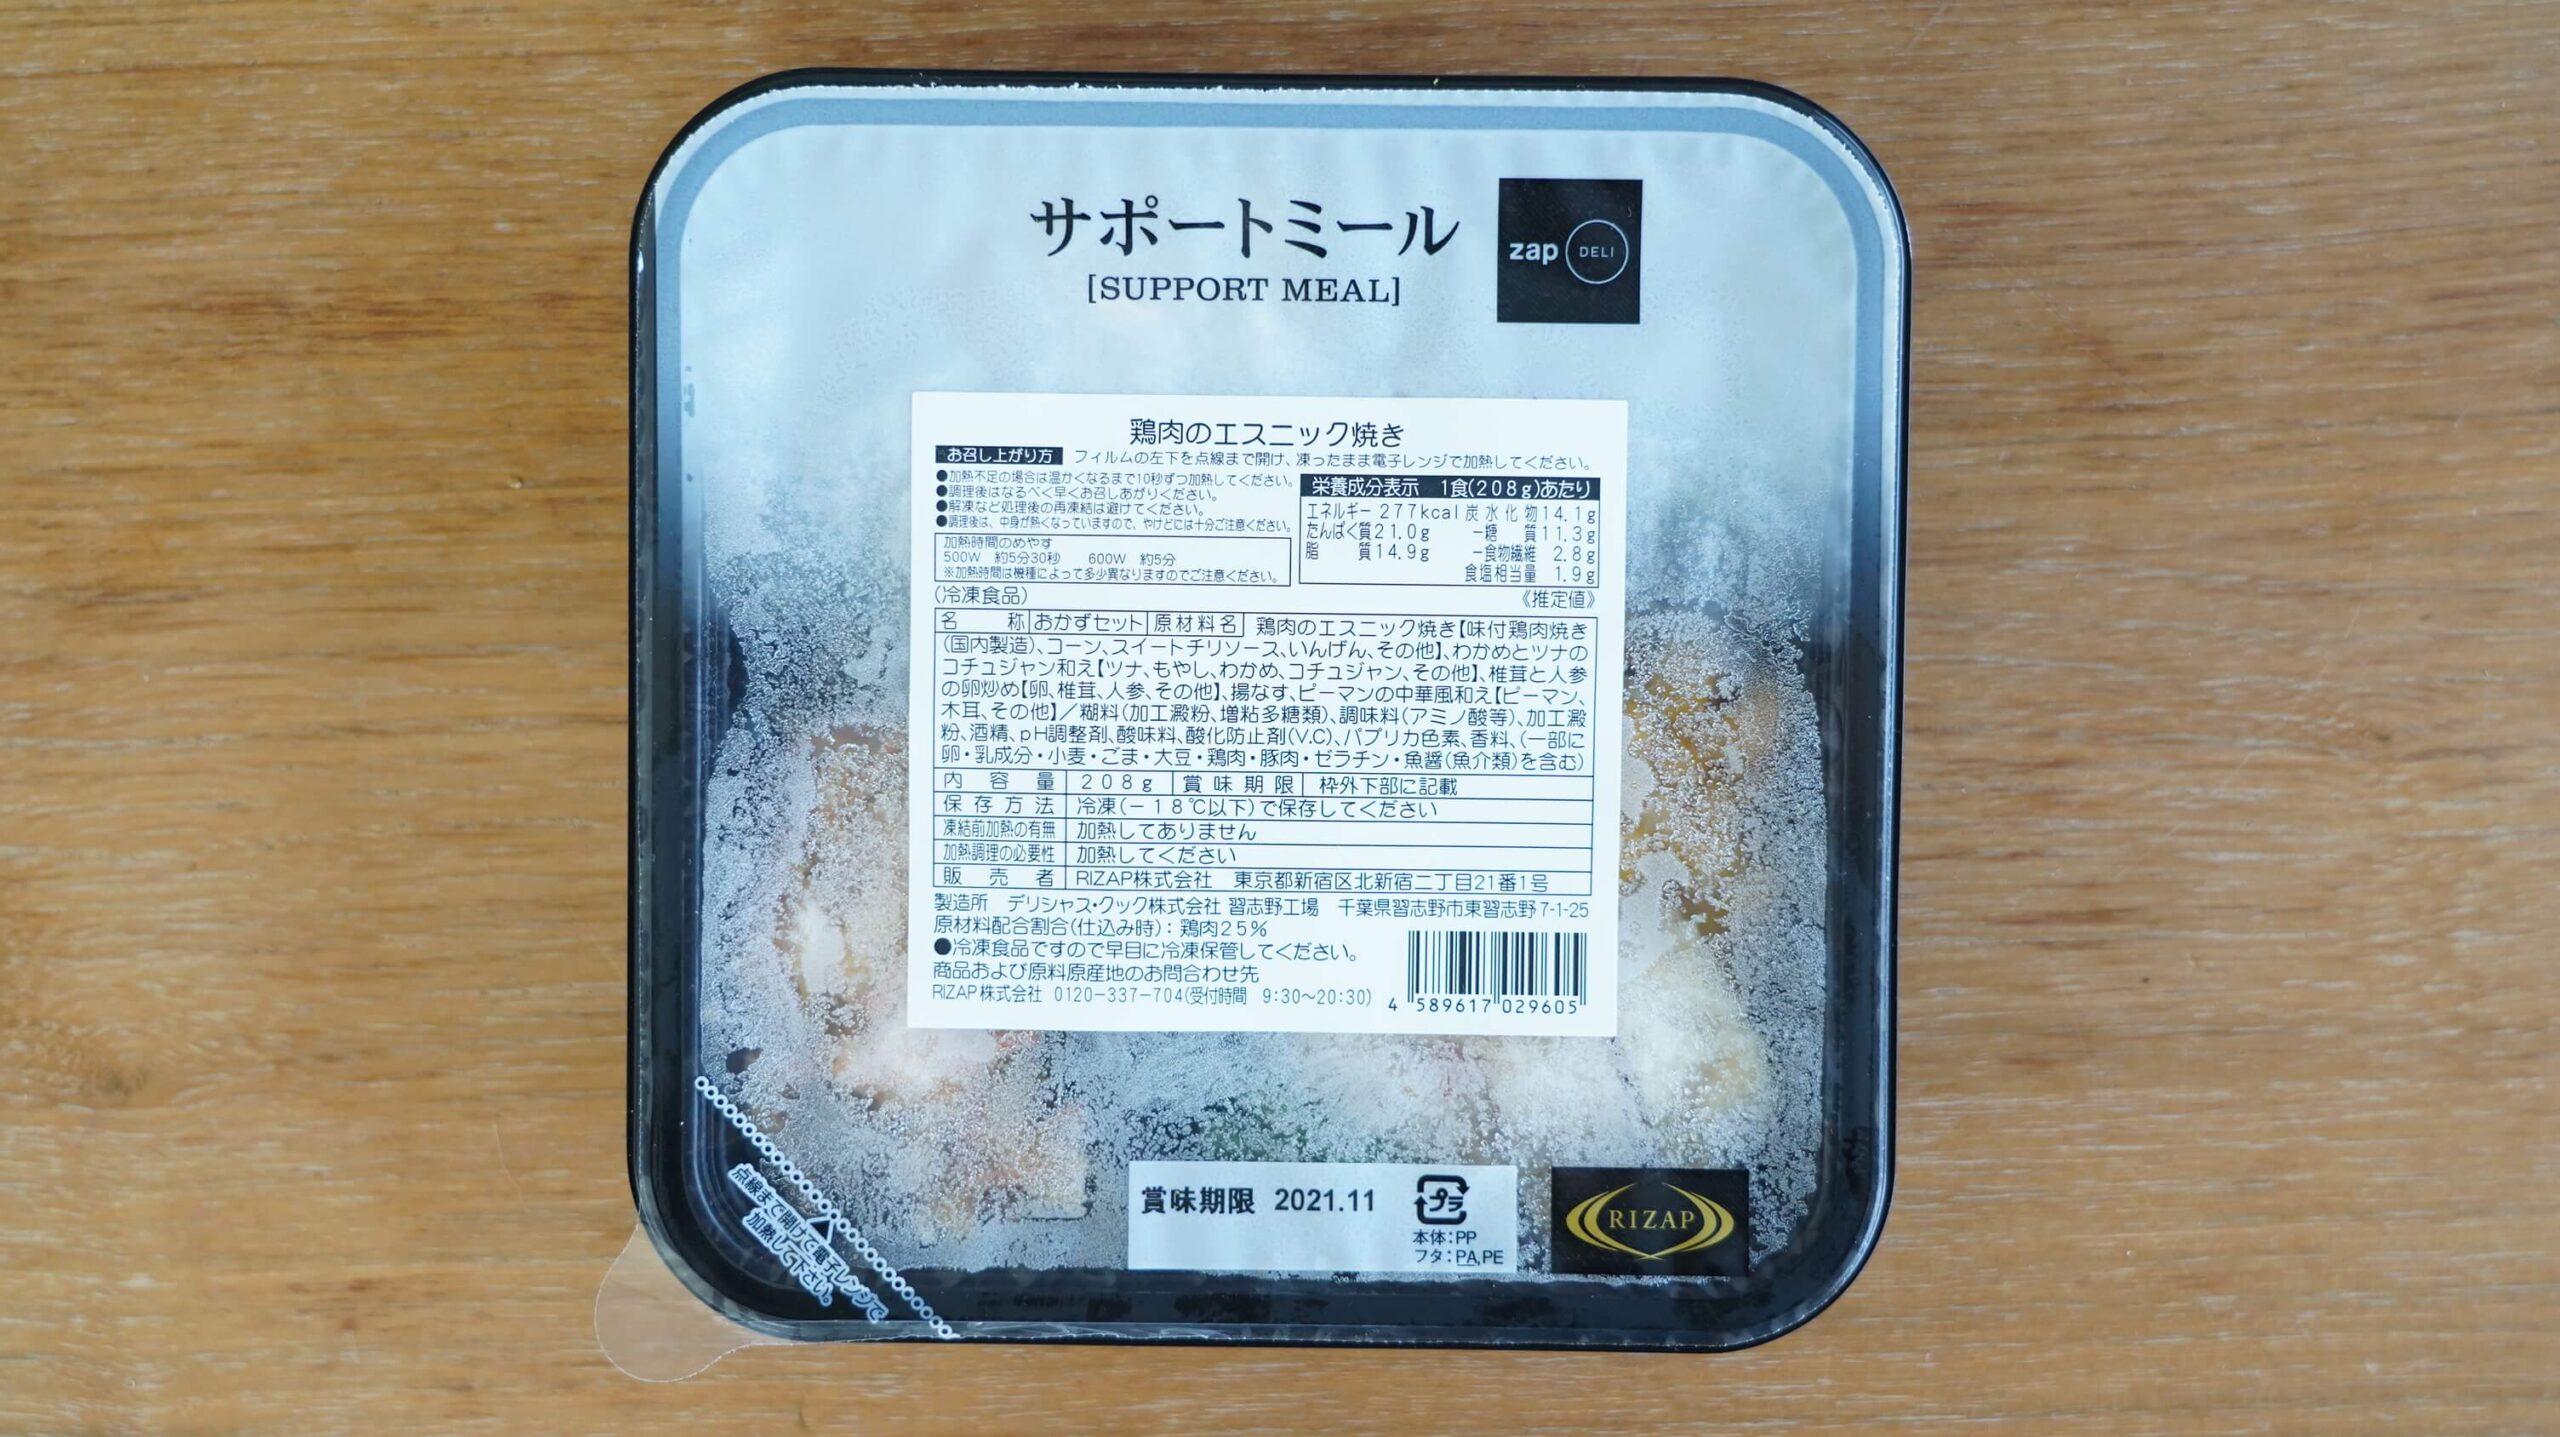 ライザップのサポートミール「鶏肉のエスニック焼き」のパッケージ写真